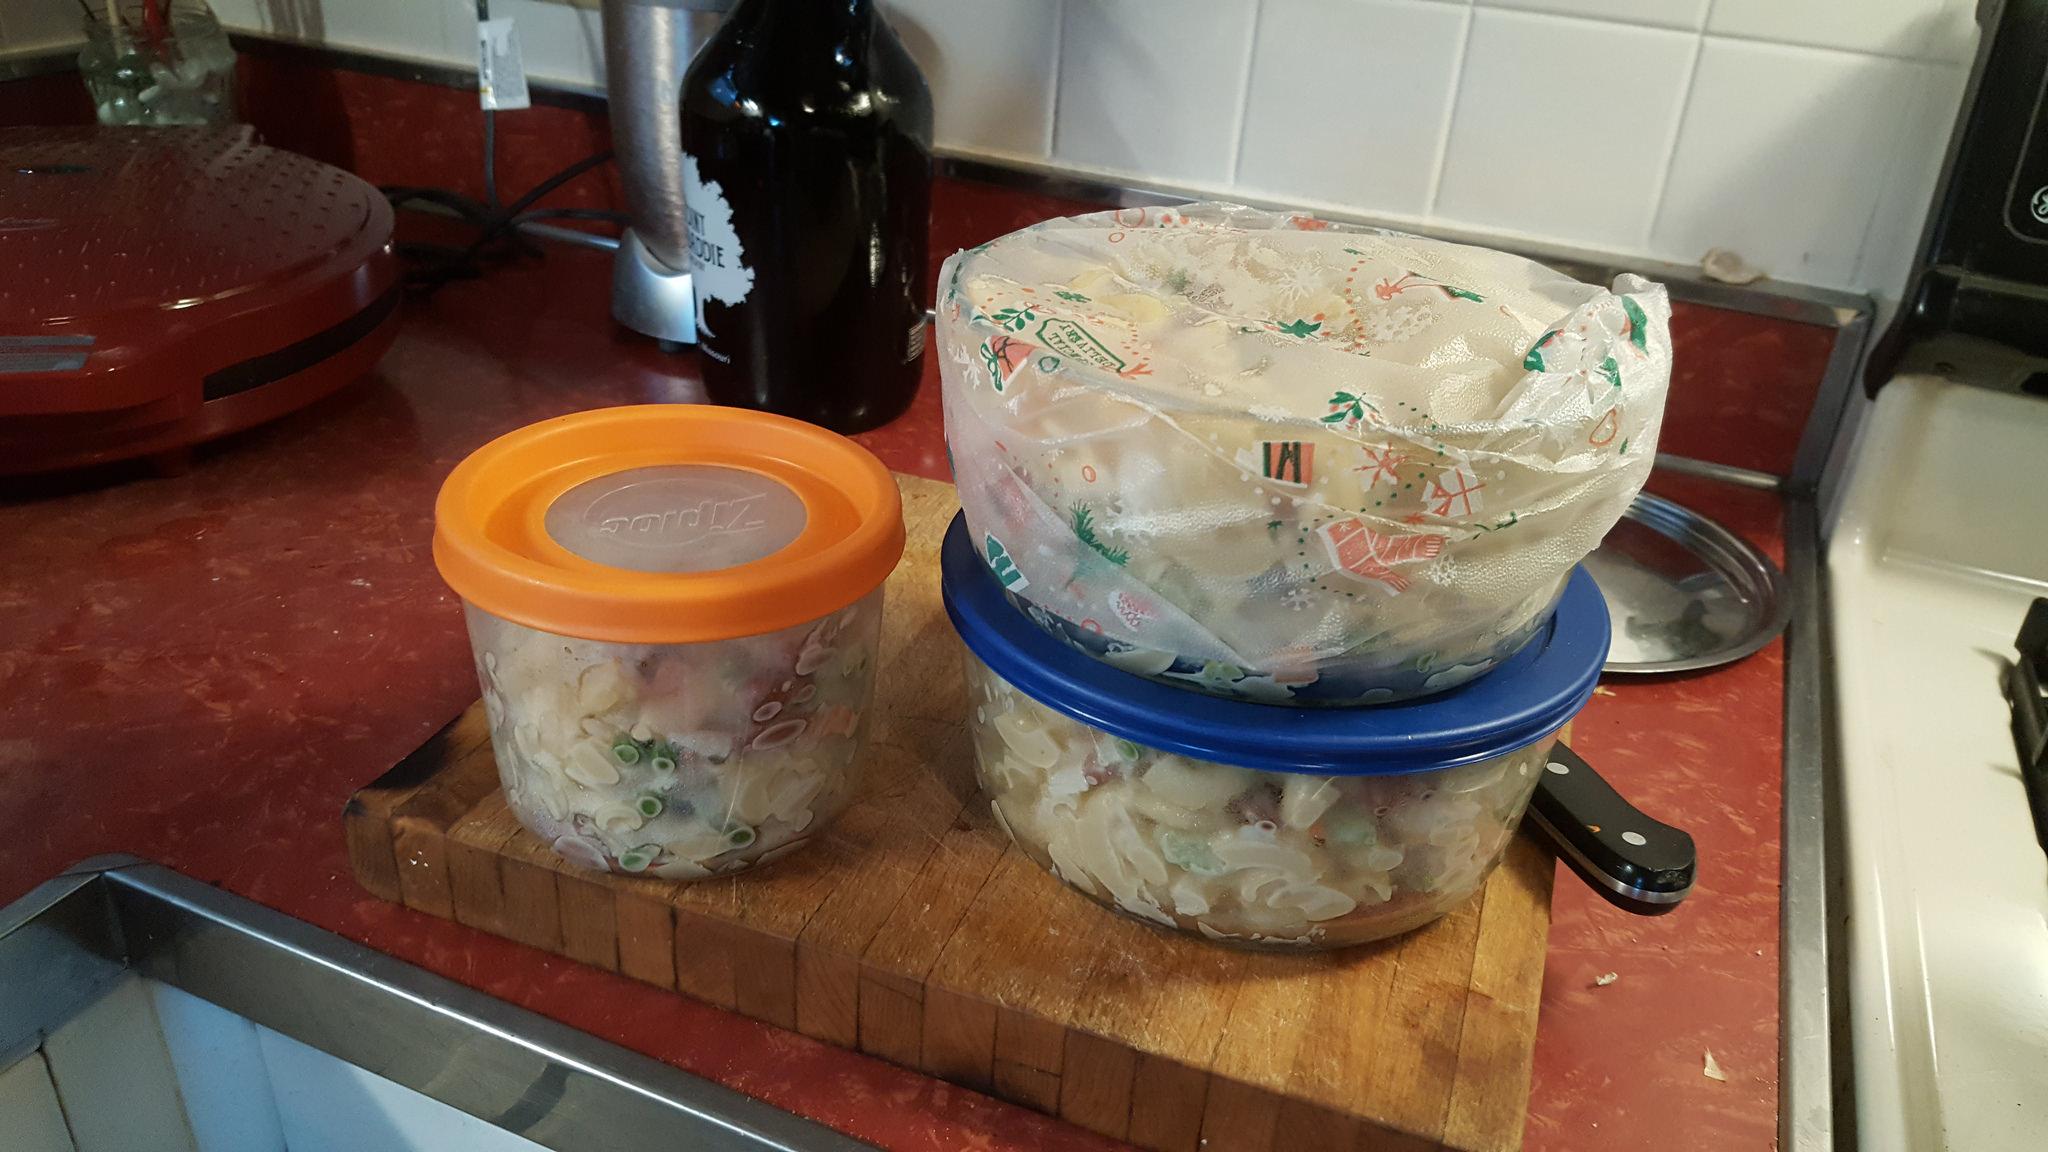 Homeless macaroni salad :(